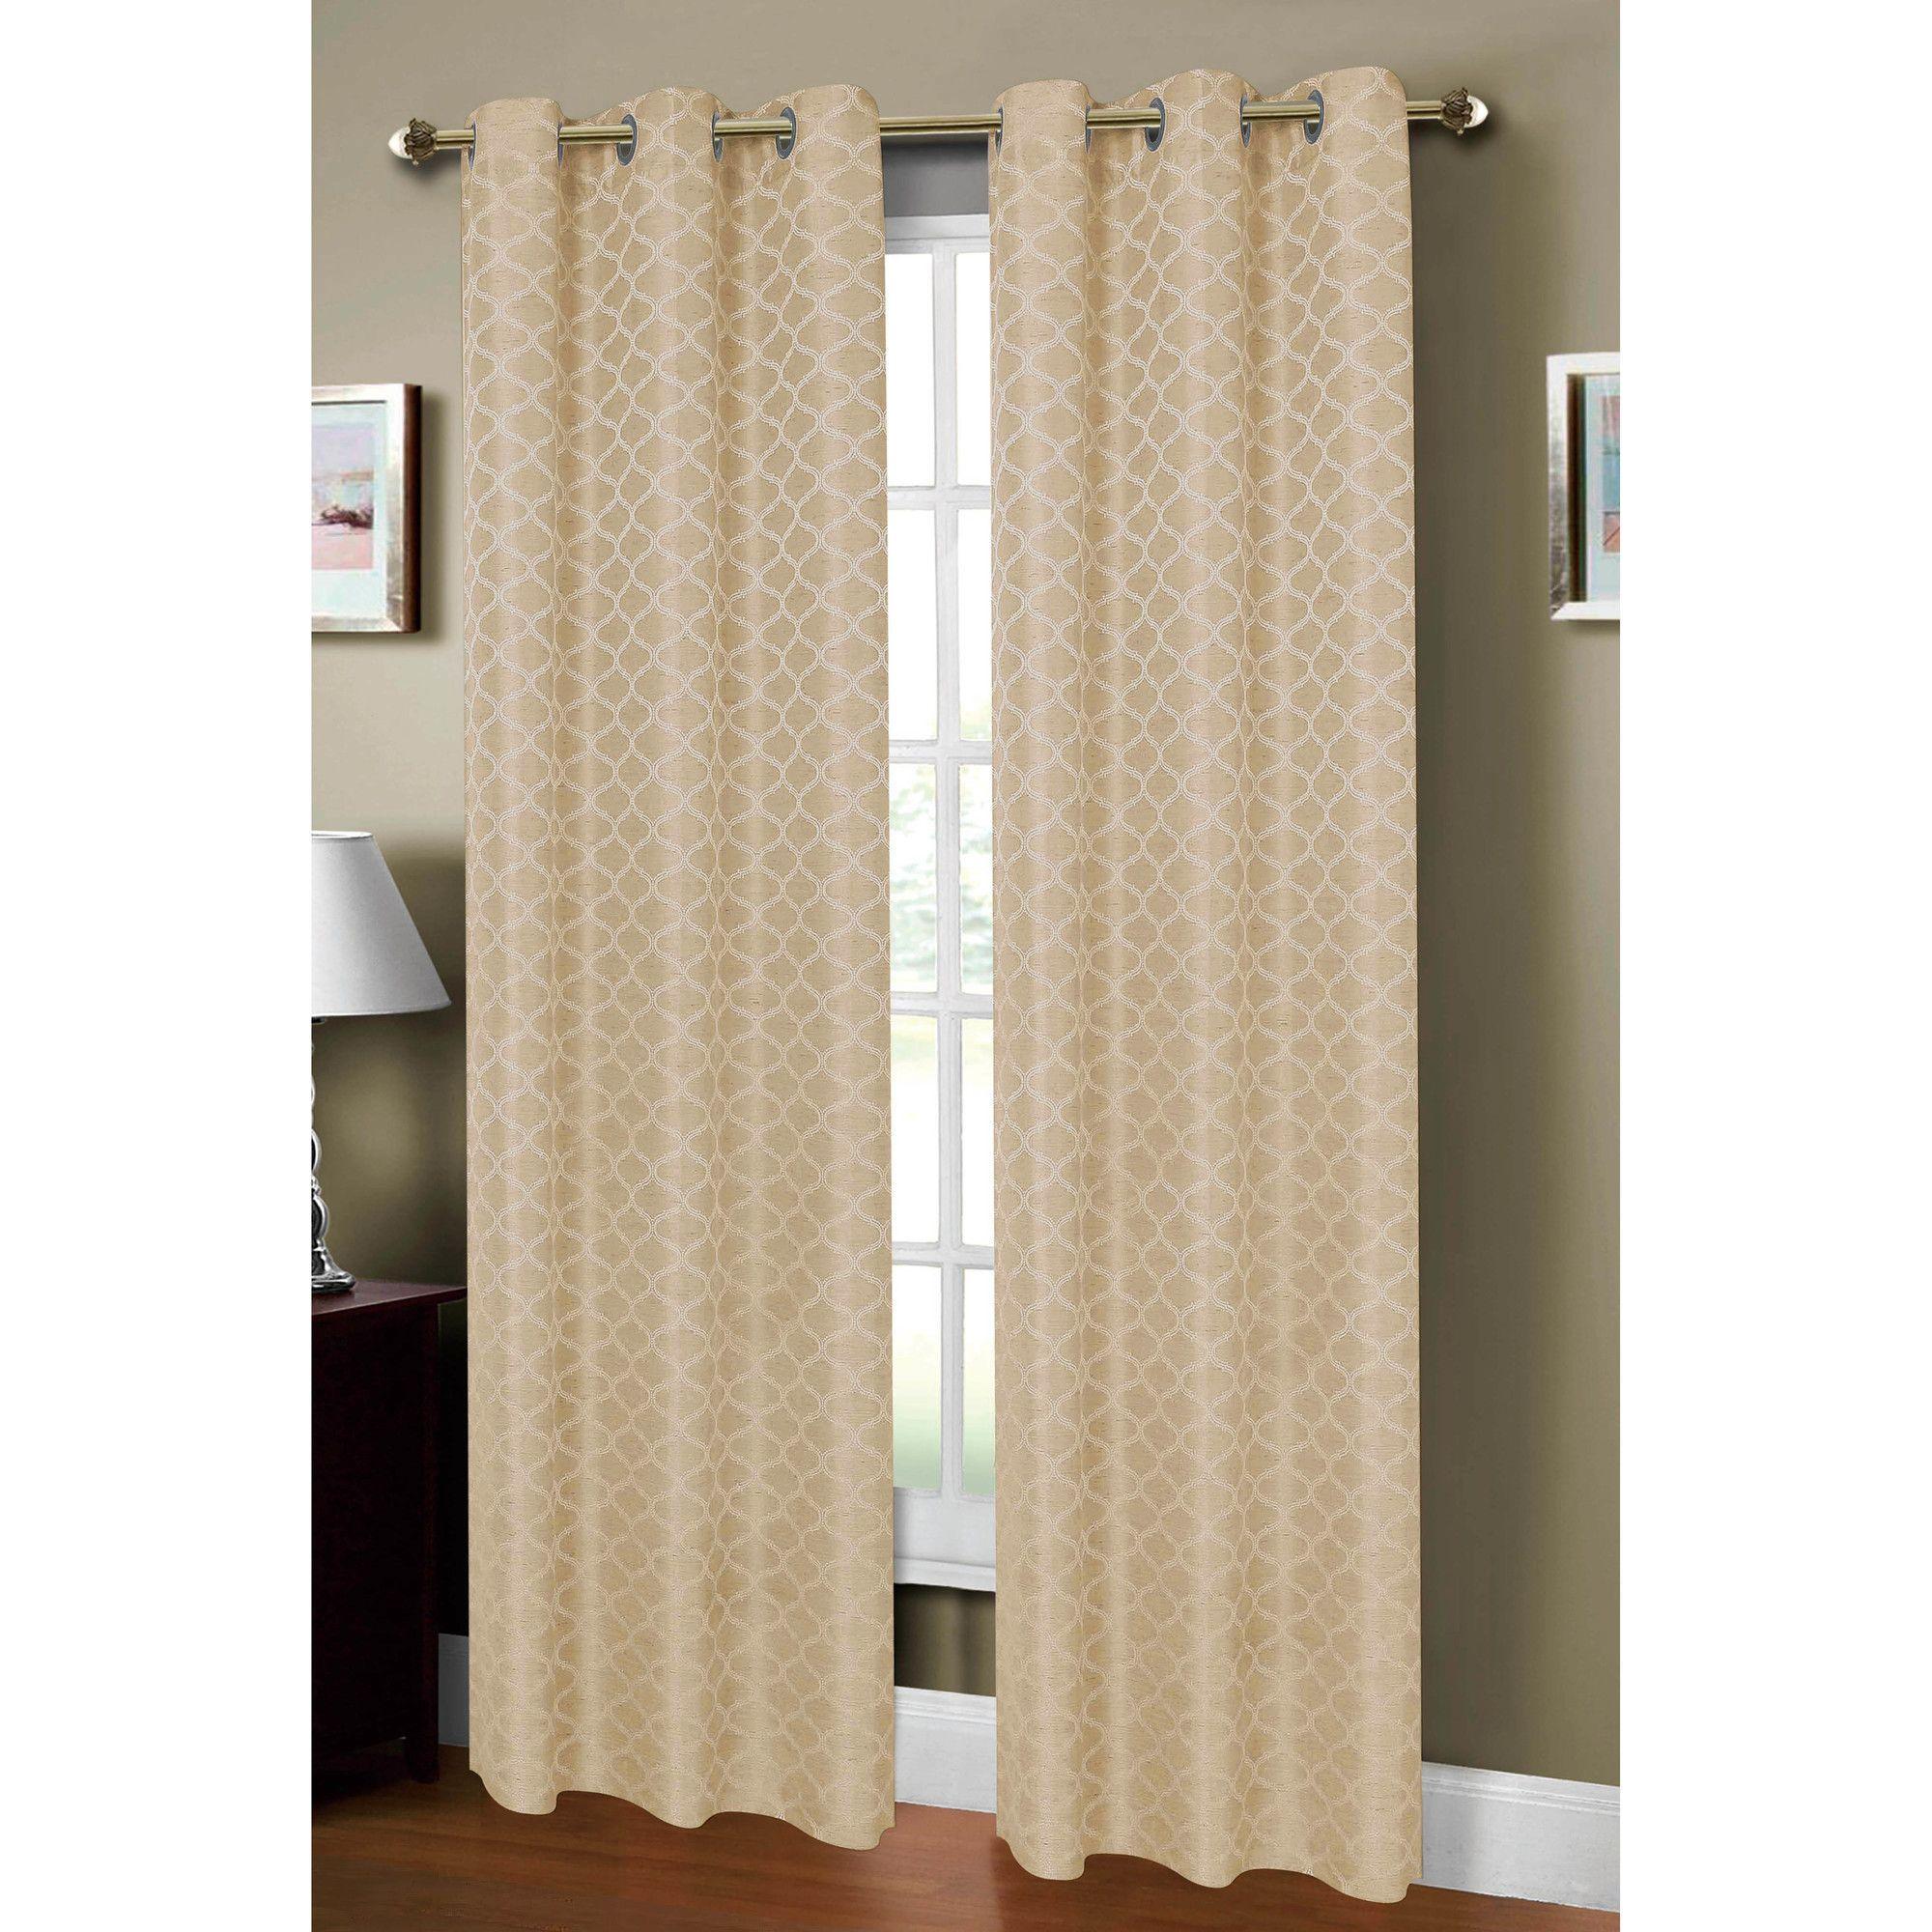 Sonata Woven Lattice Jacquard Grommet Curtain Panel